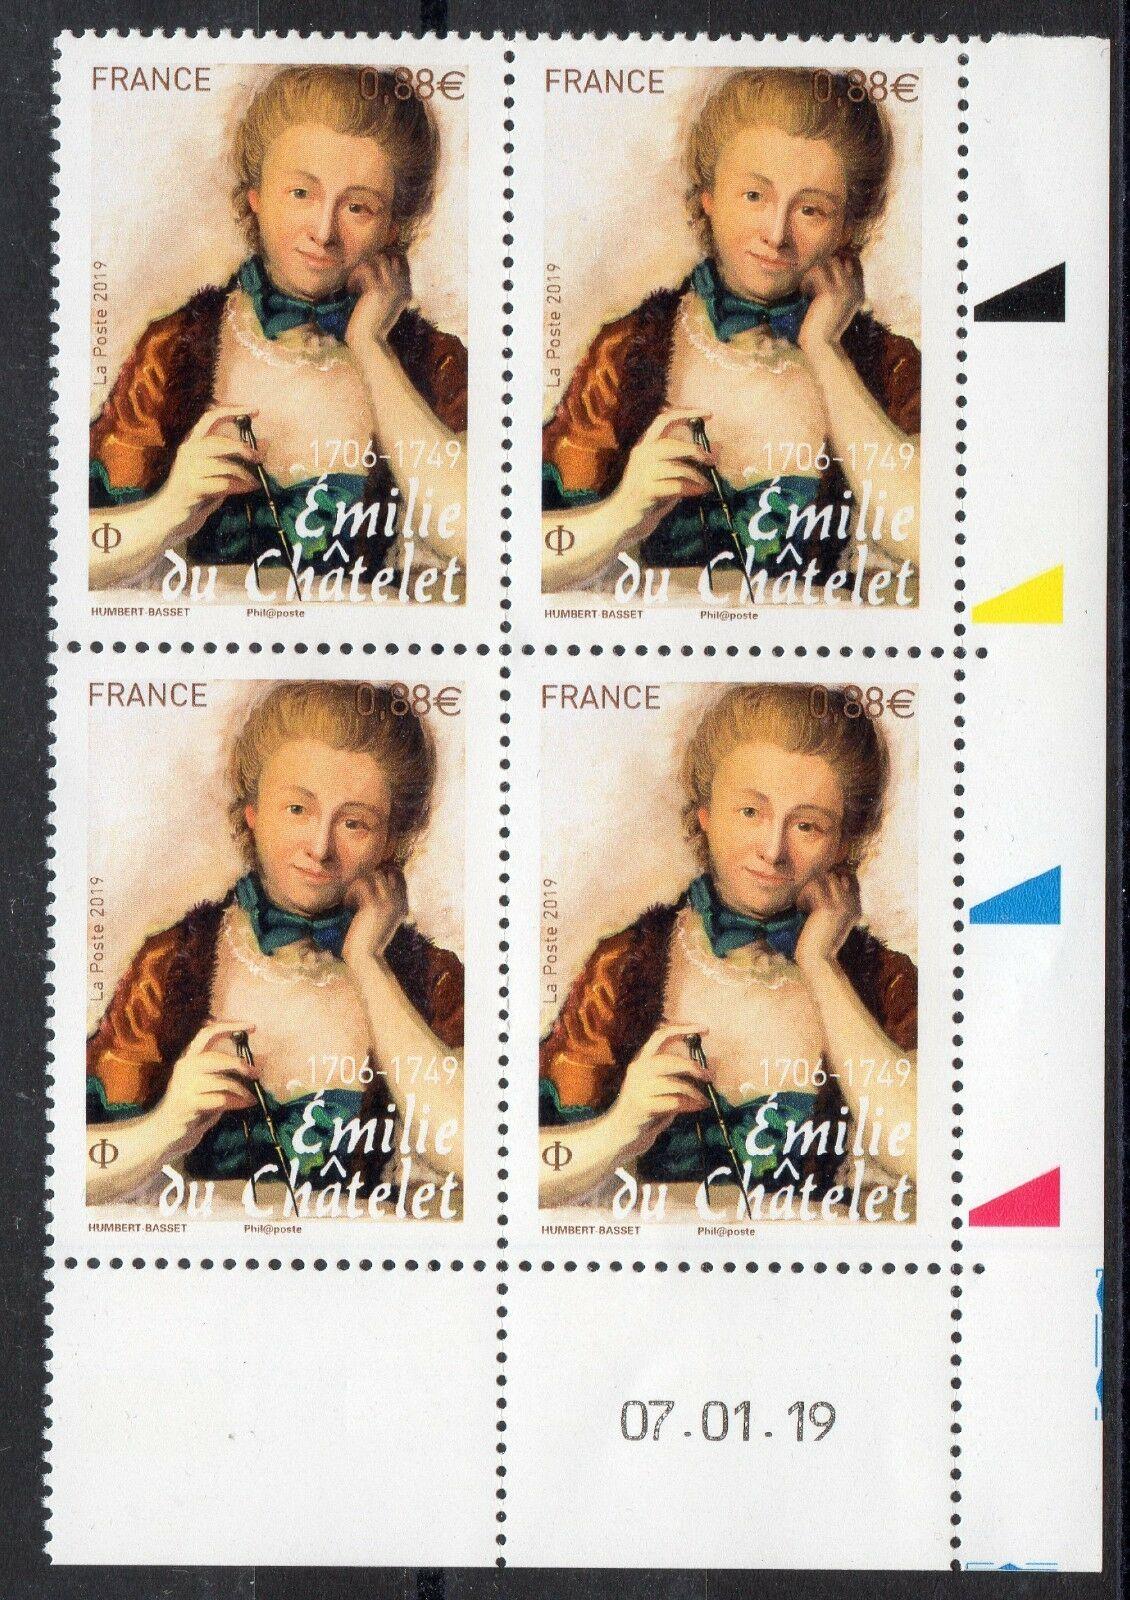 France - Émilie du Châtelet (January 18, 2019) block of 4